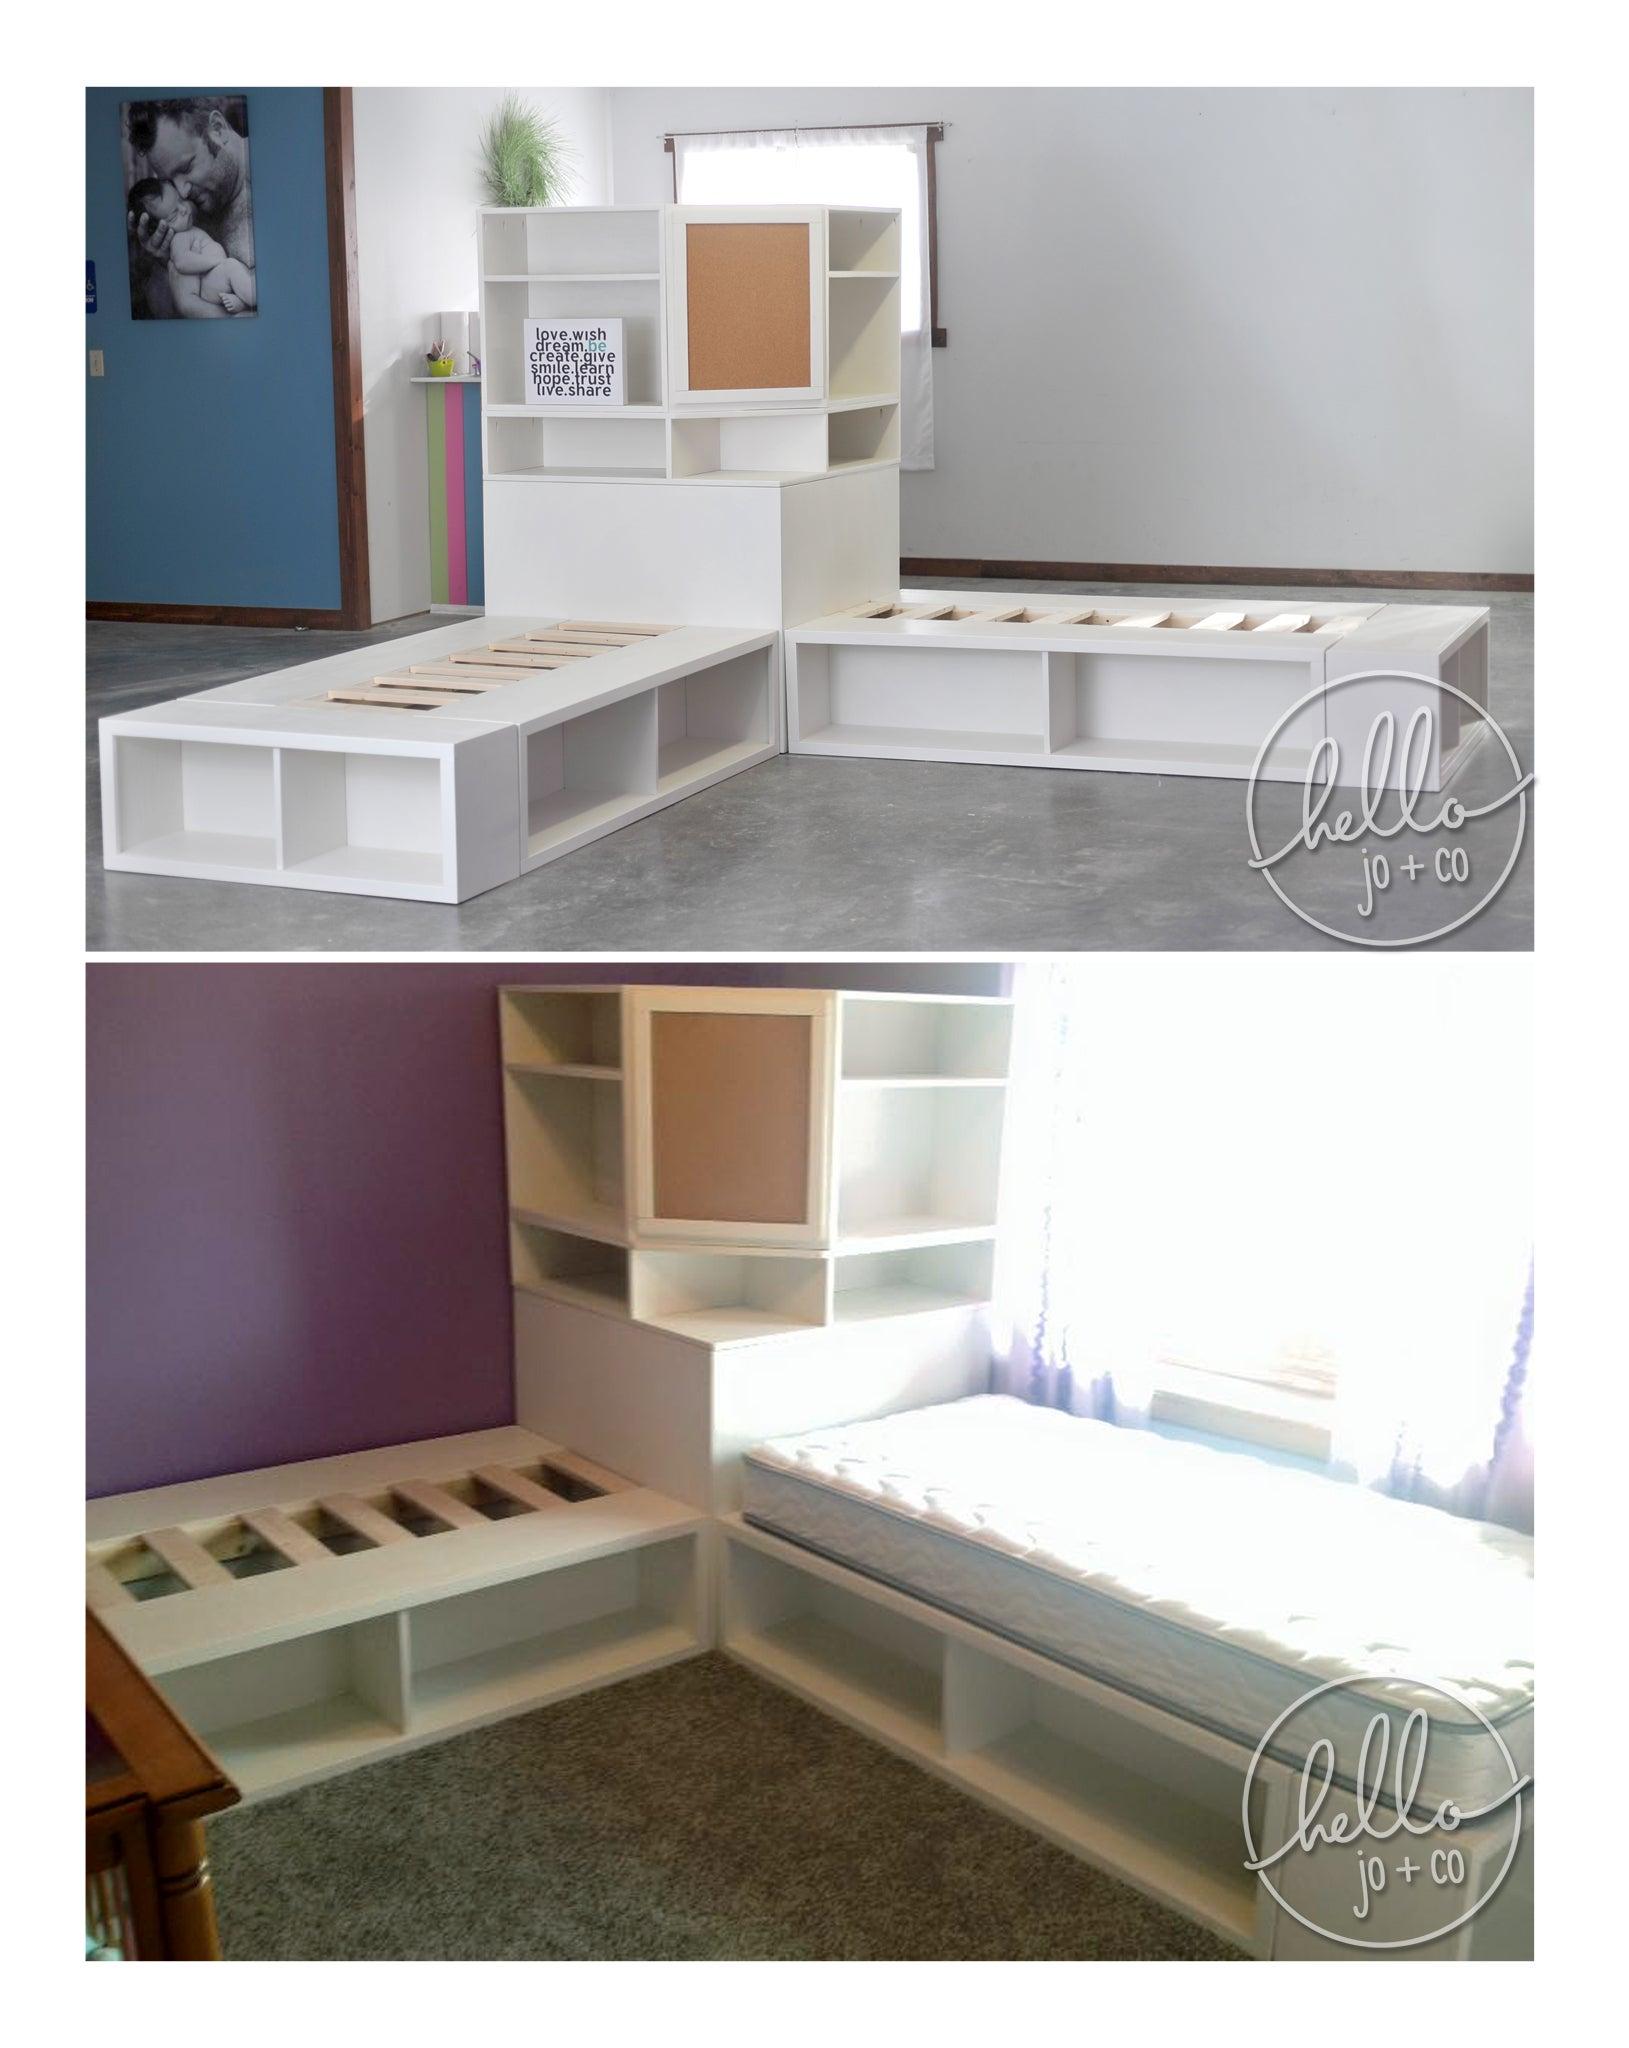 Hello Jo Co Storage Bed With Corner Hutch